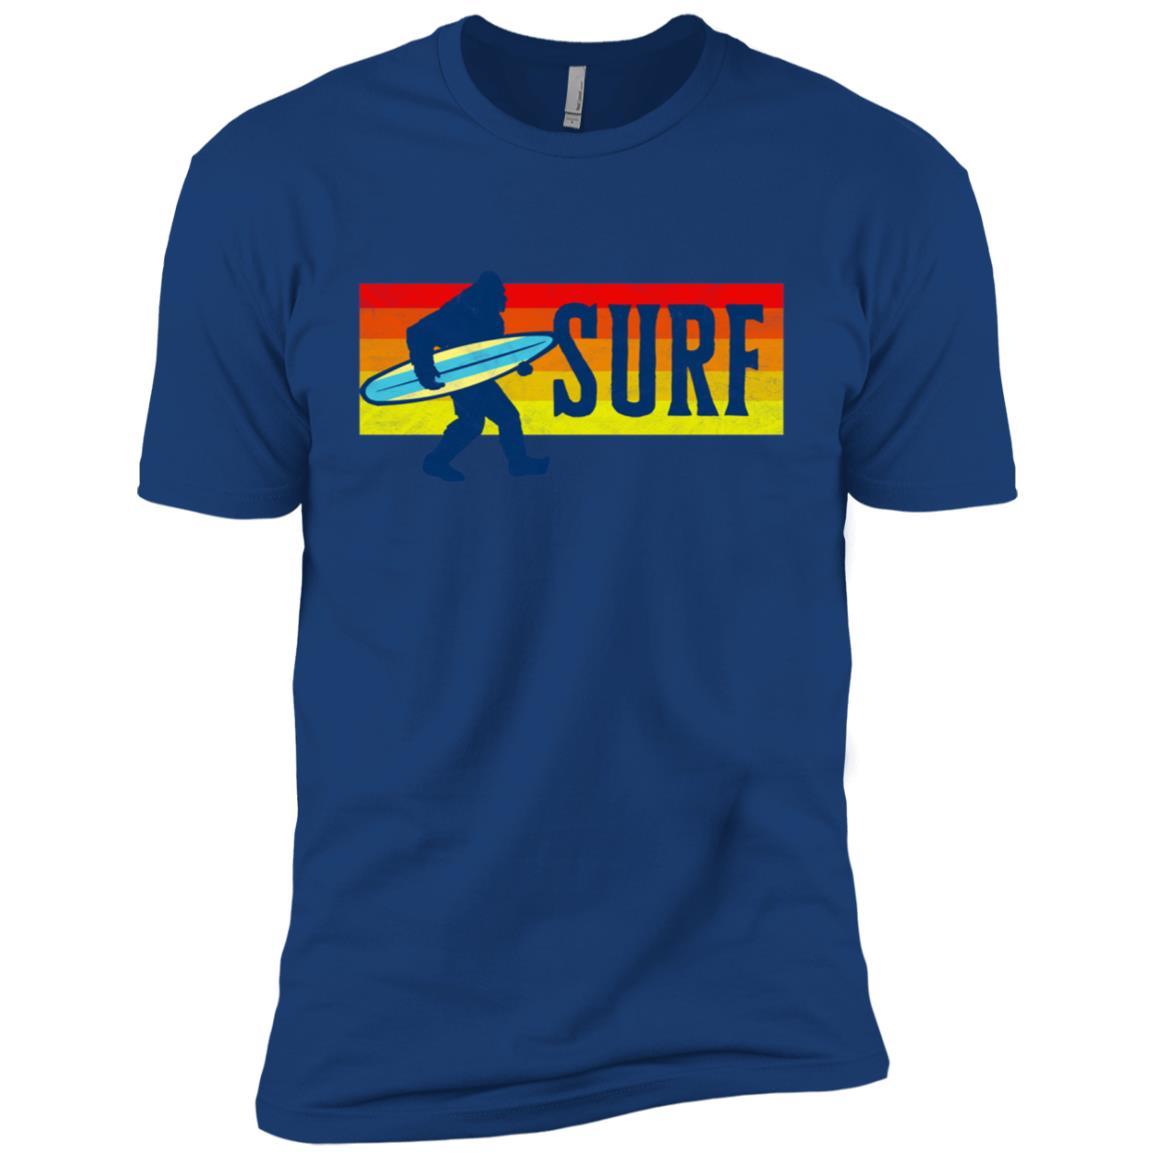 Bigfoot Silhouette & Surfboard Squatch Surf Tee Men Short Sleeve T-Shirt